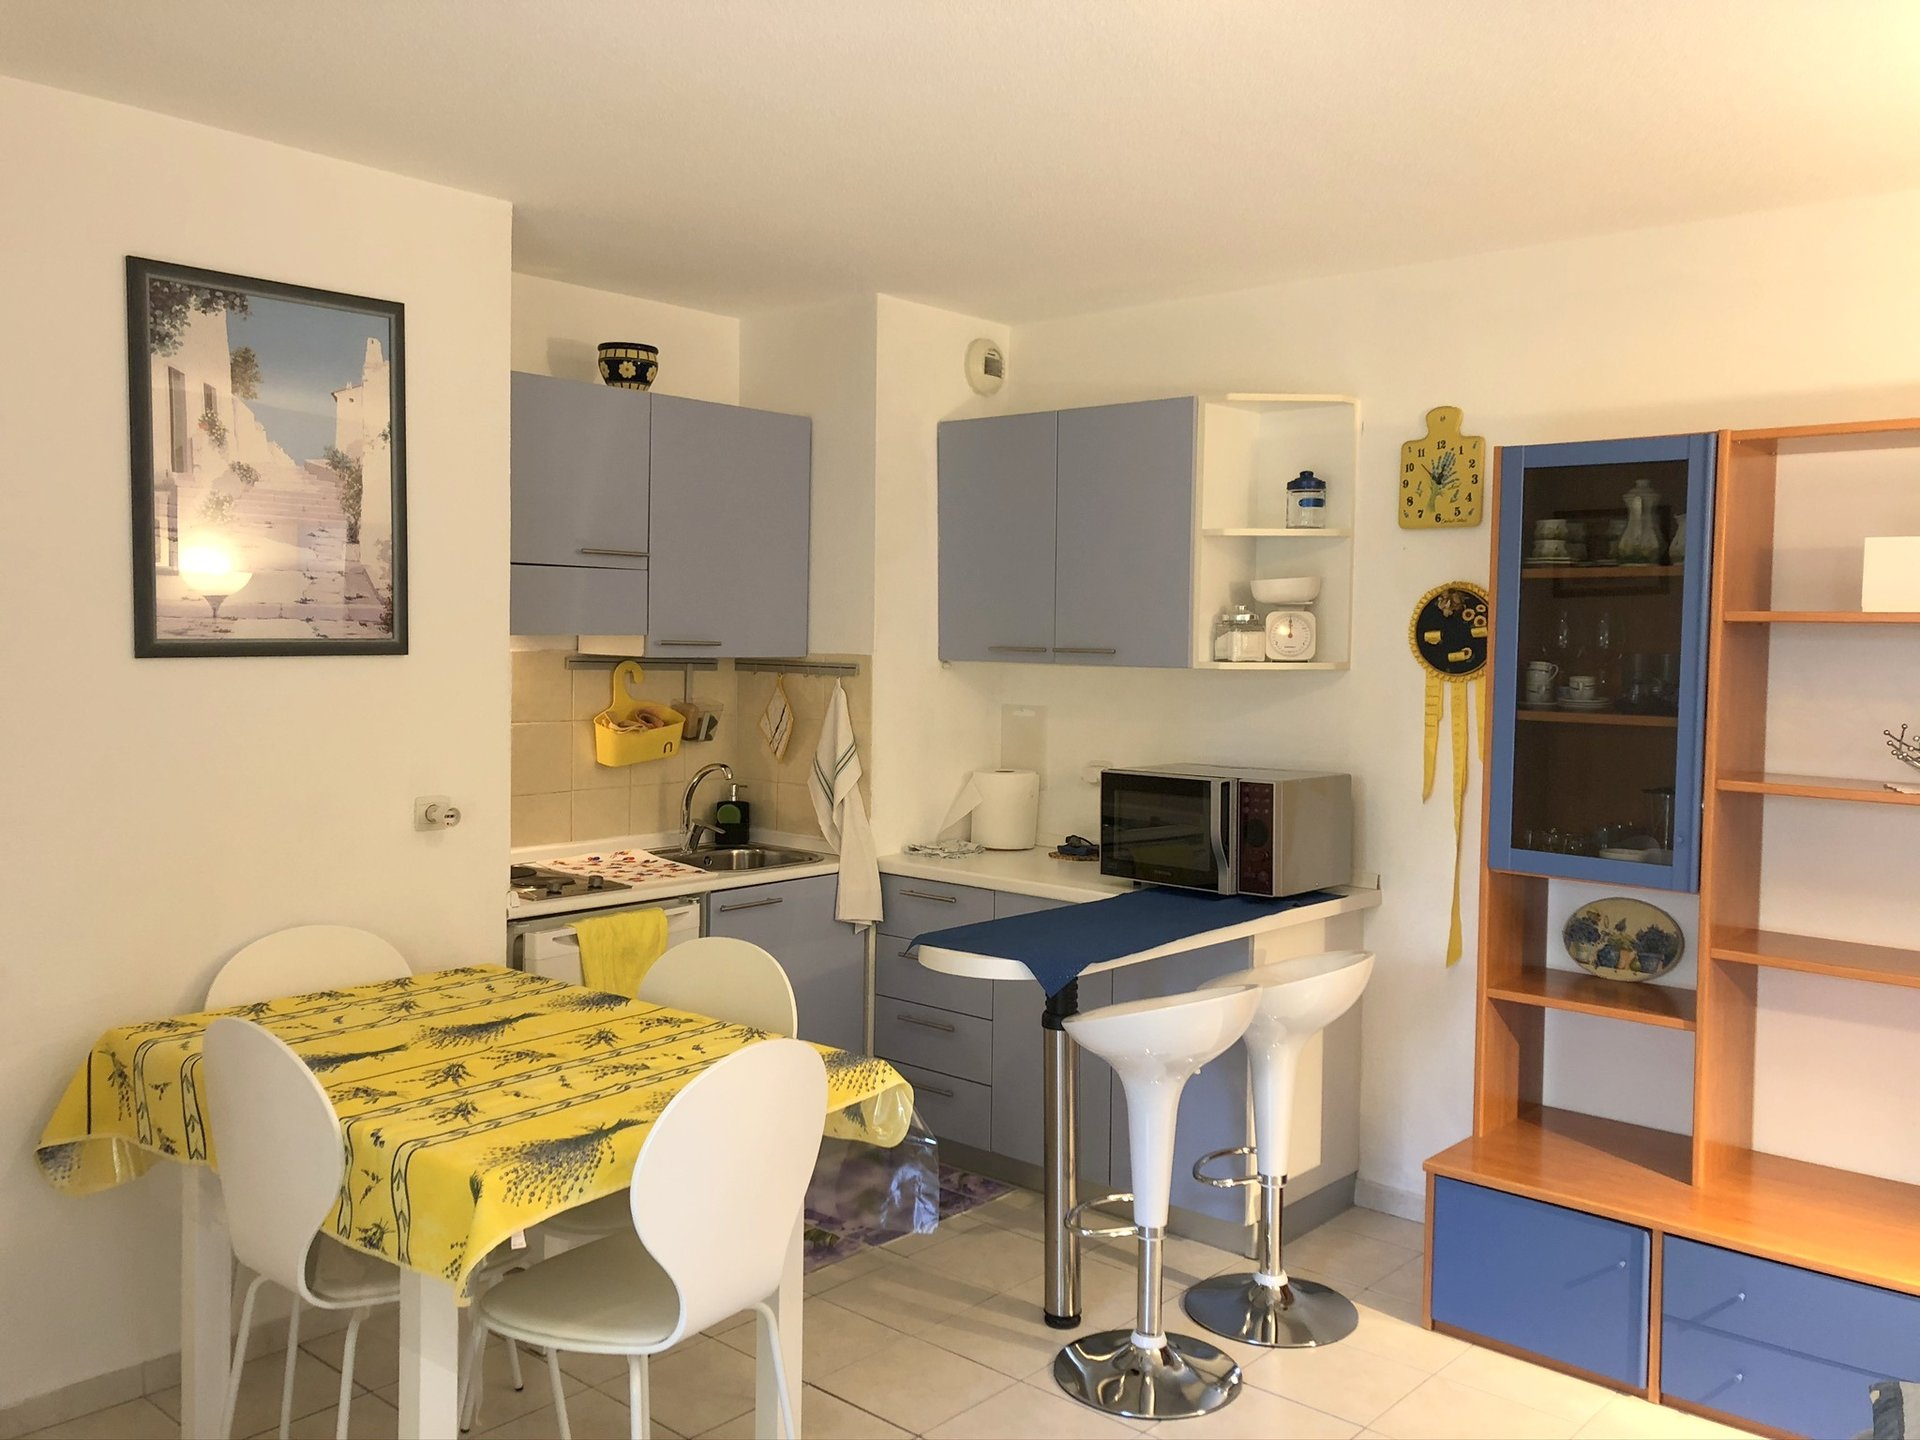 Location Nice, 2 pièces meublé 34.41m² avec garage secteur Tnl